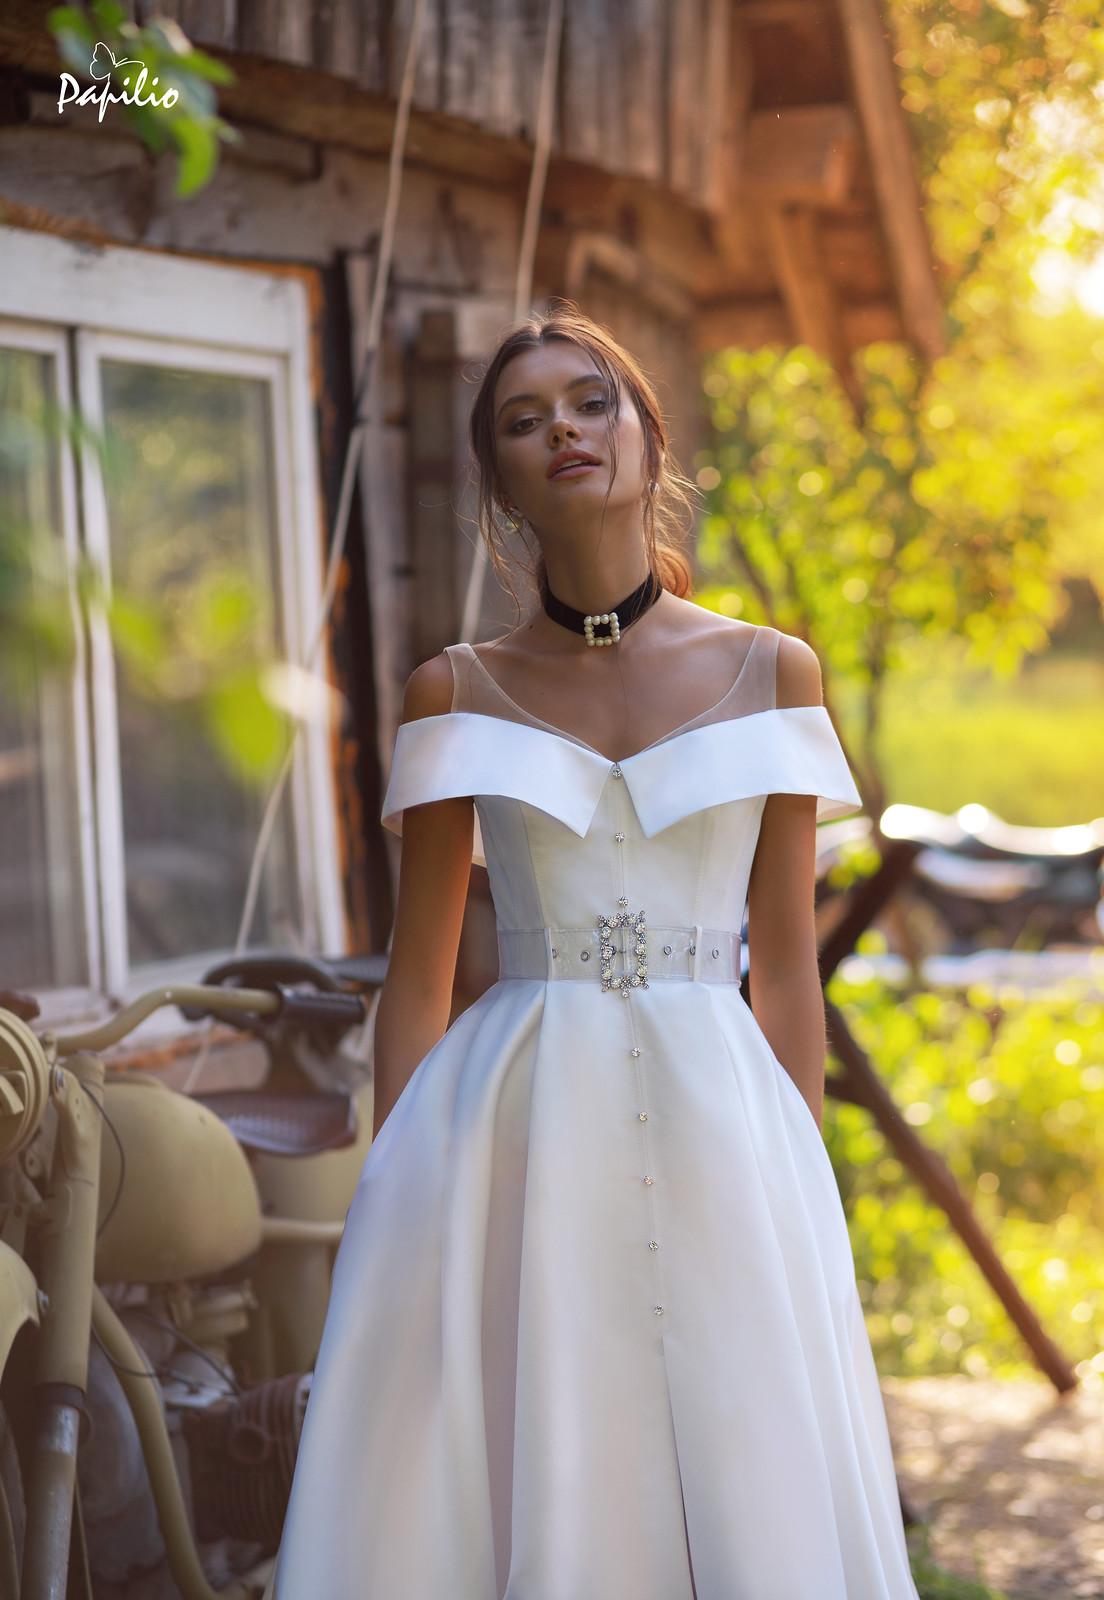 個性婚紗,Papilla台北,歐美精品婚紗代理